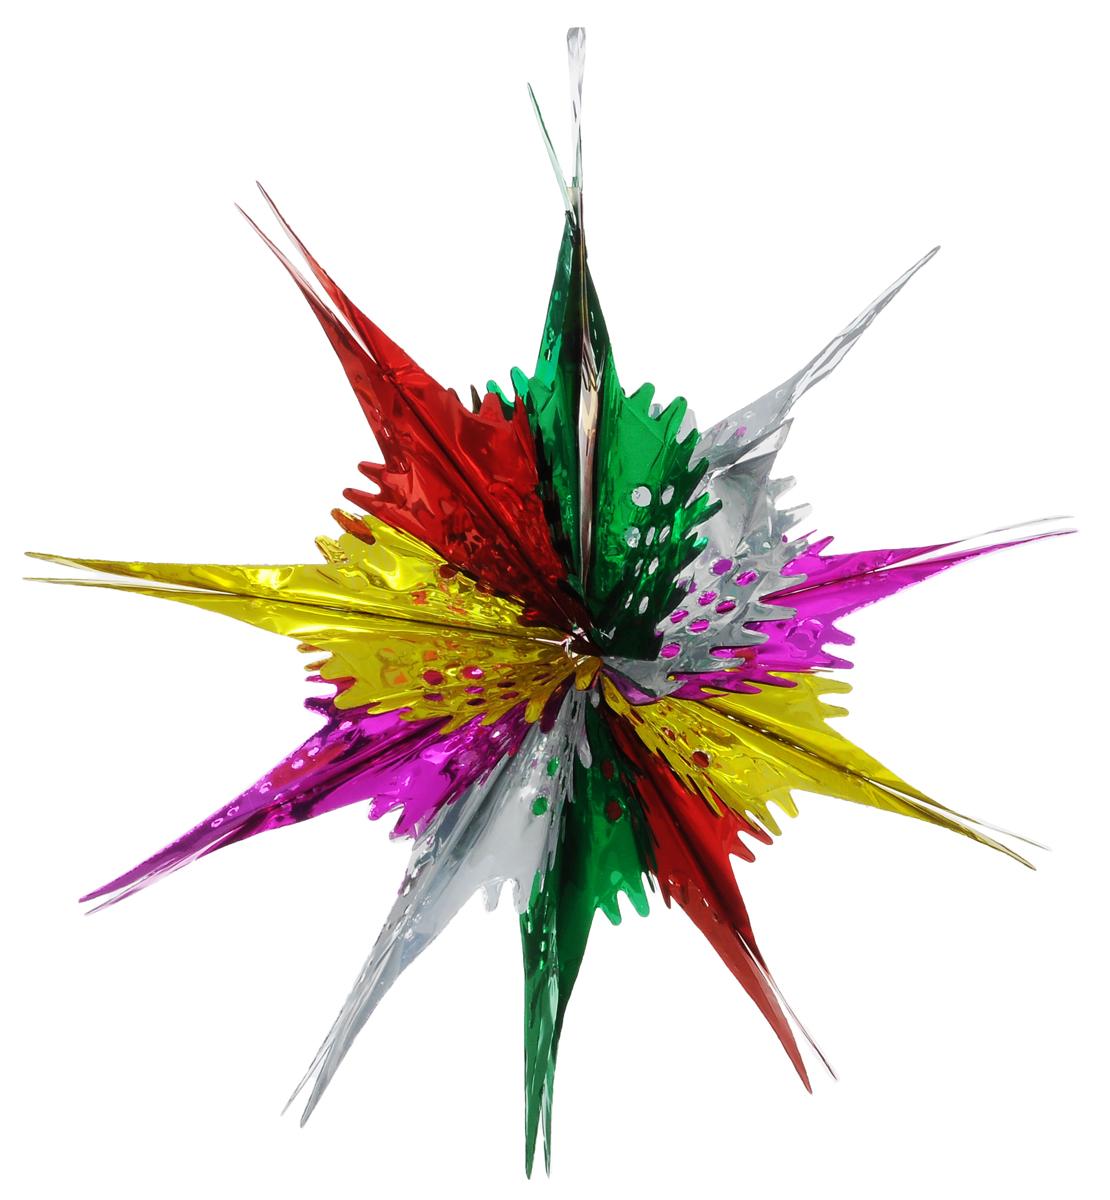 Новогоднее подвесное украшение Феникс-Презент Звезда ажурная, цвет: зеленый, красный, желтыйSL250 503 09Новогоднее украшение Феникс-Презент Звезда ажурная отлично подойдет для декорации вашего дома и новогодней ели. Украшение выполнено из ПЭТ (полиэтилентерефталата) в форме многогранной разноцветной звезды. С помощью специальной петельки звезду можно повесить в любом понравившемся вам месте. Украшение легко складывается и раскладывается благодаря металлическим кольцам. Новогодние украшения несут в себе волшебство и красоту праздника. Они помогут вам украсить дом к предстоящим праздникам и оживить интерьер по вашему вкусу. Создайте в доме атмосферу тепла, веселья и радости, украшая его всей семьей.